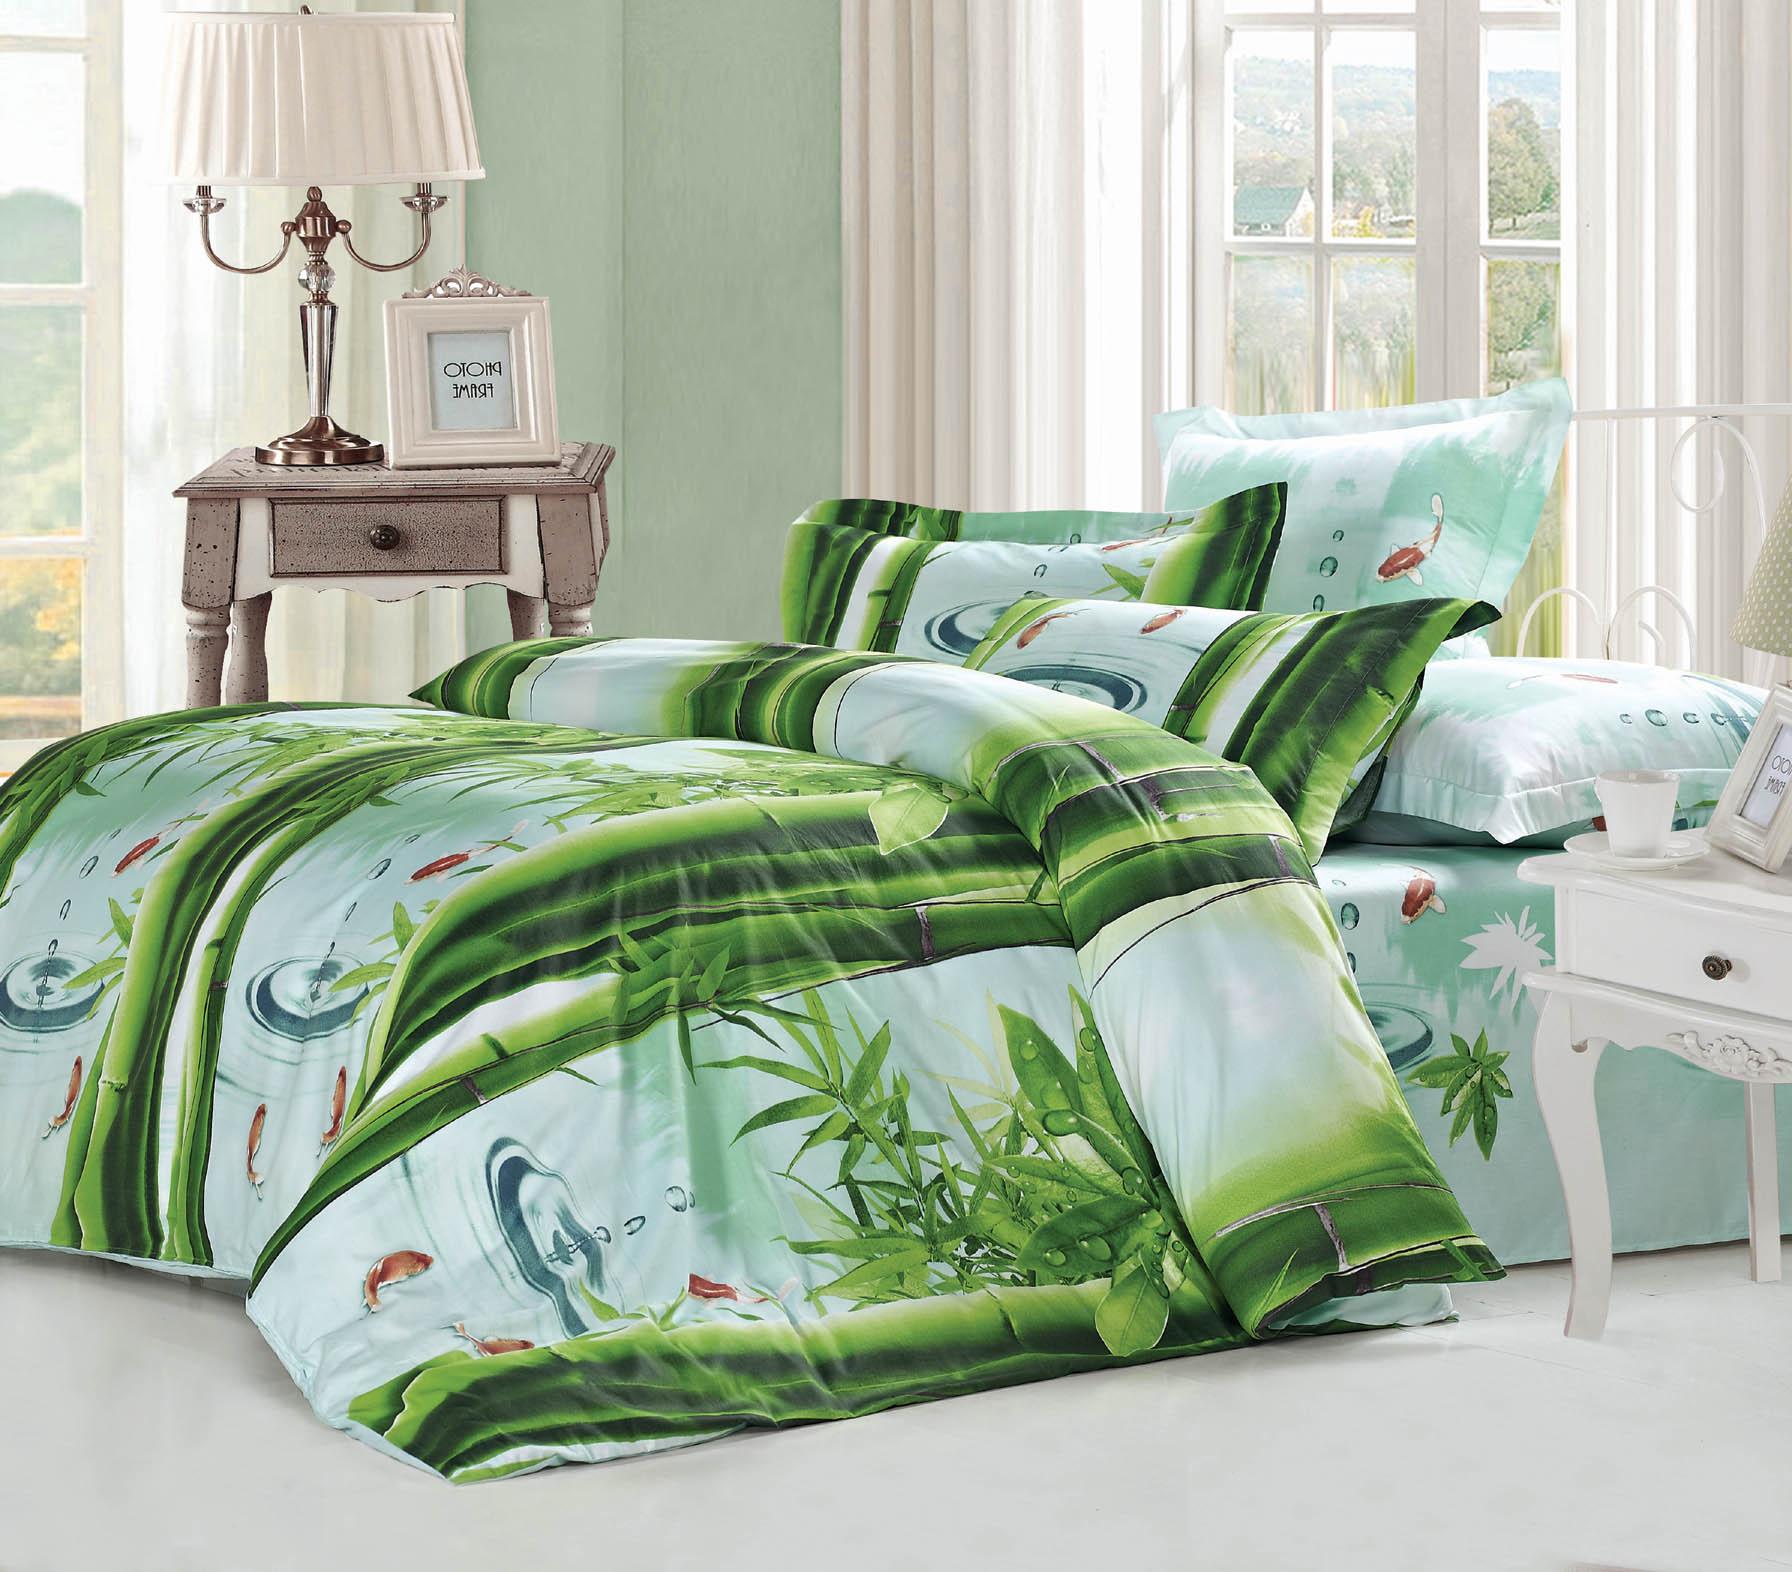 Купить Комплекты постельного белья СайлиД, Постельное белье Zechariah B-153 (2 сп. евро), Китай, Зеленый, Хлопковый сатин